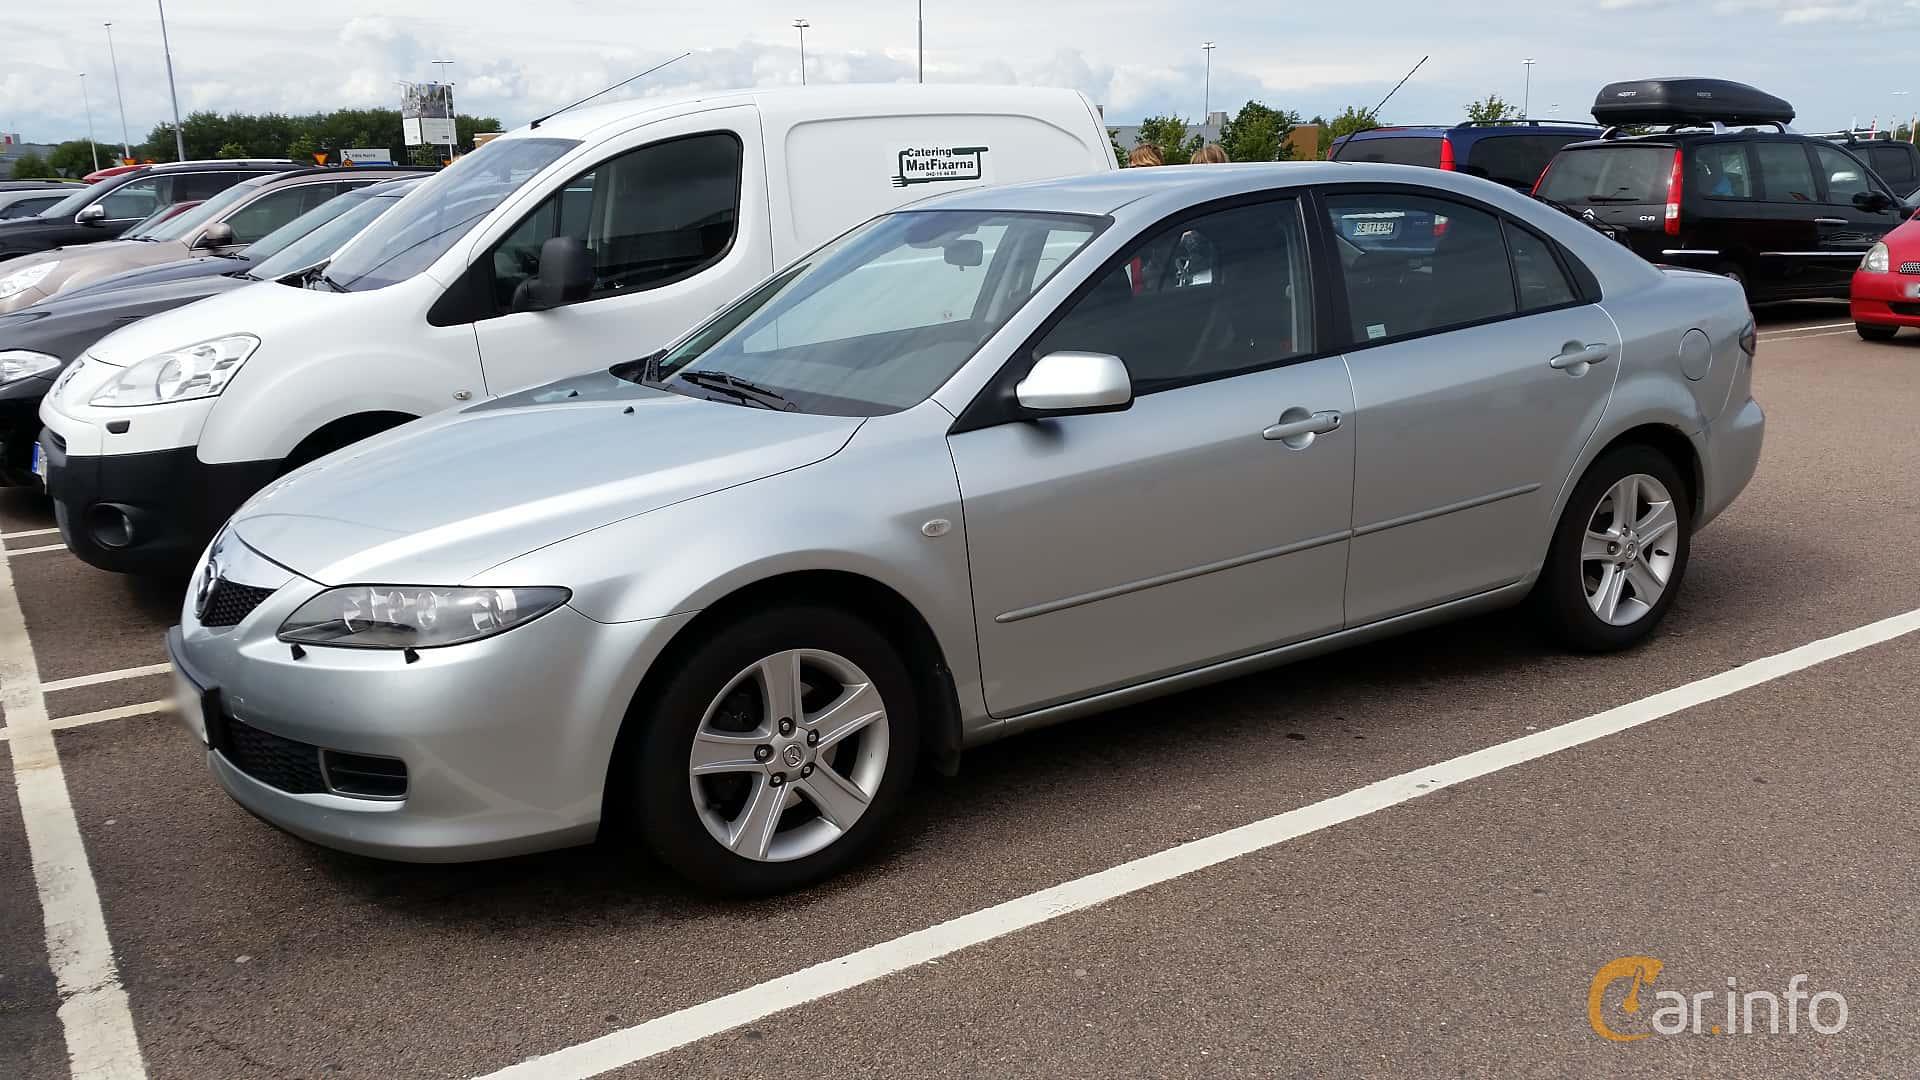 Kelebihan Mazda 6 2006 Murah Berkualitas